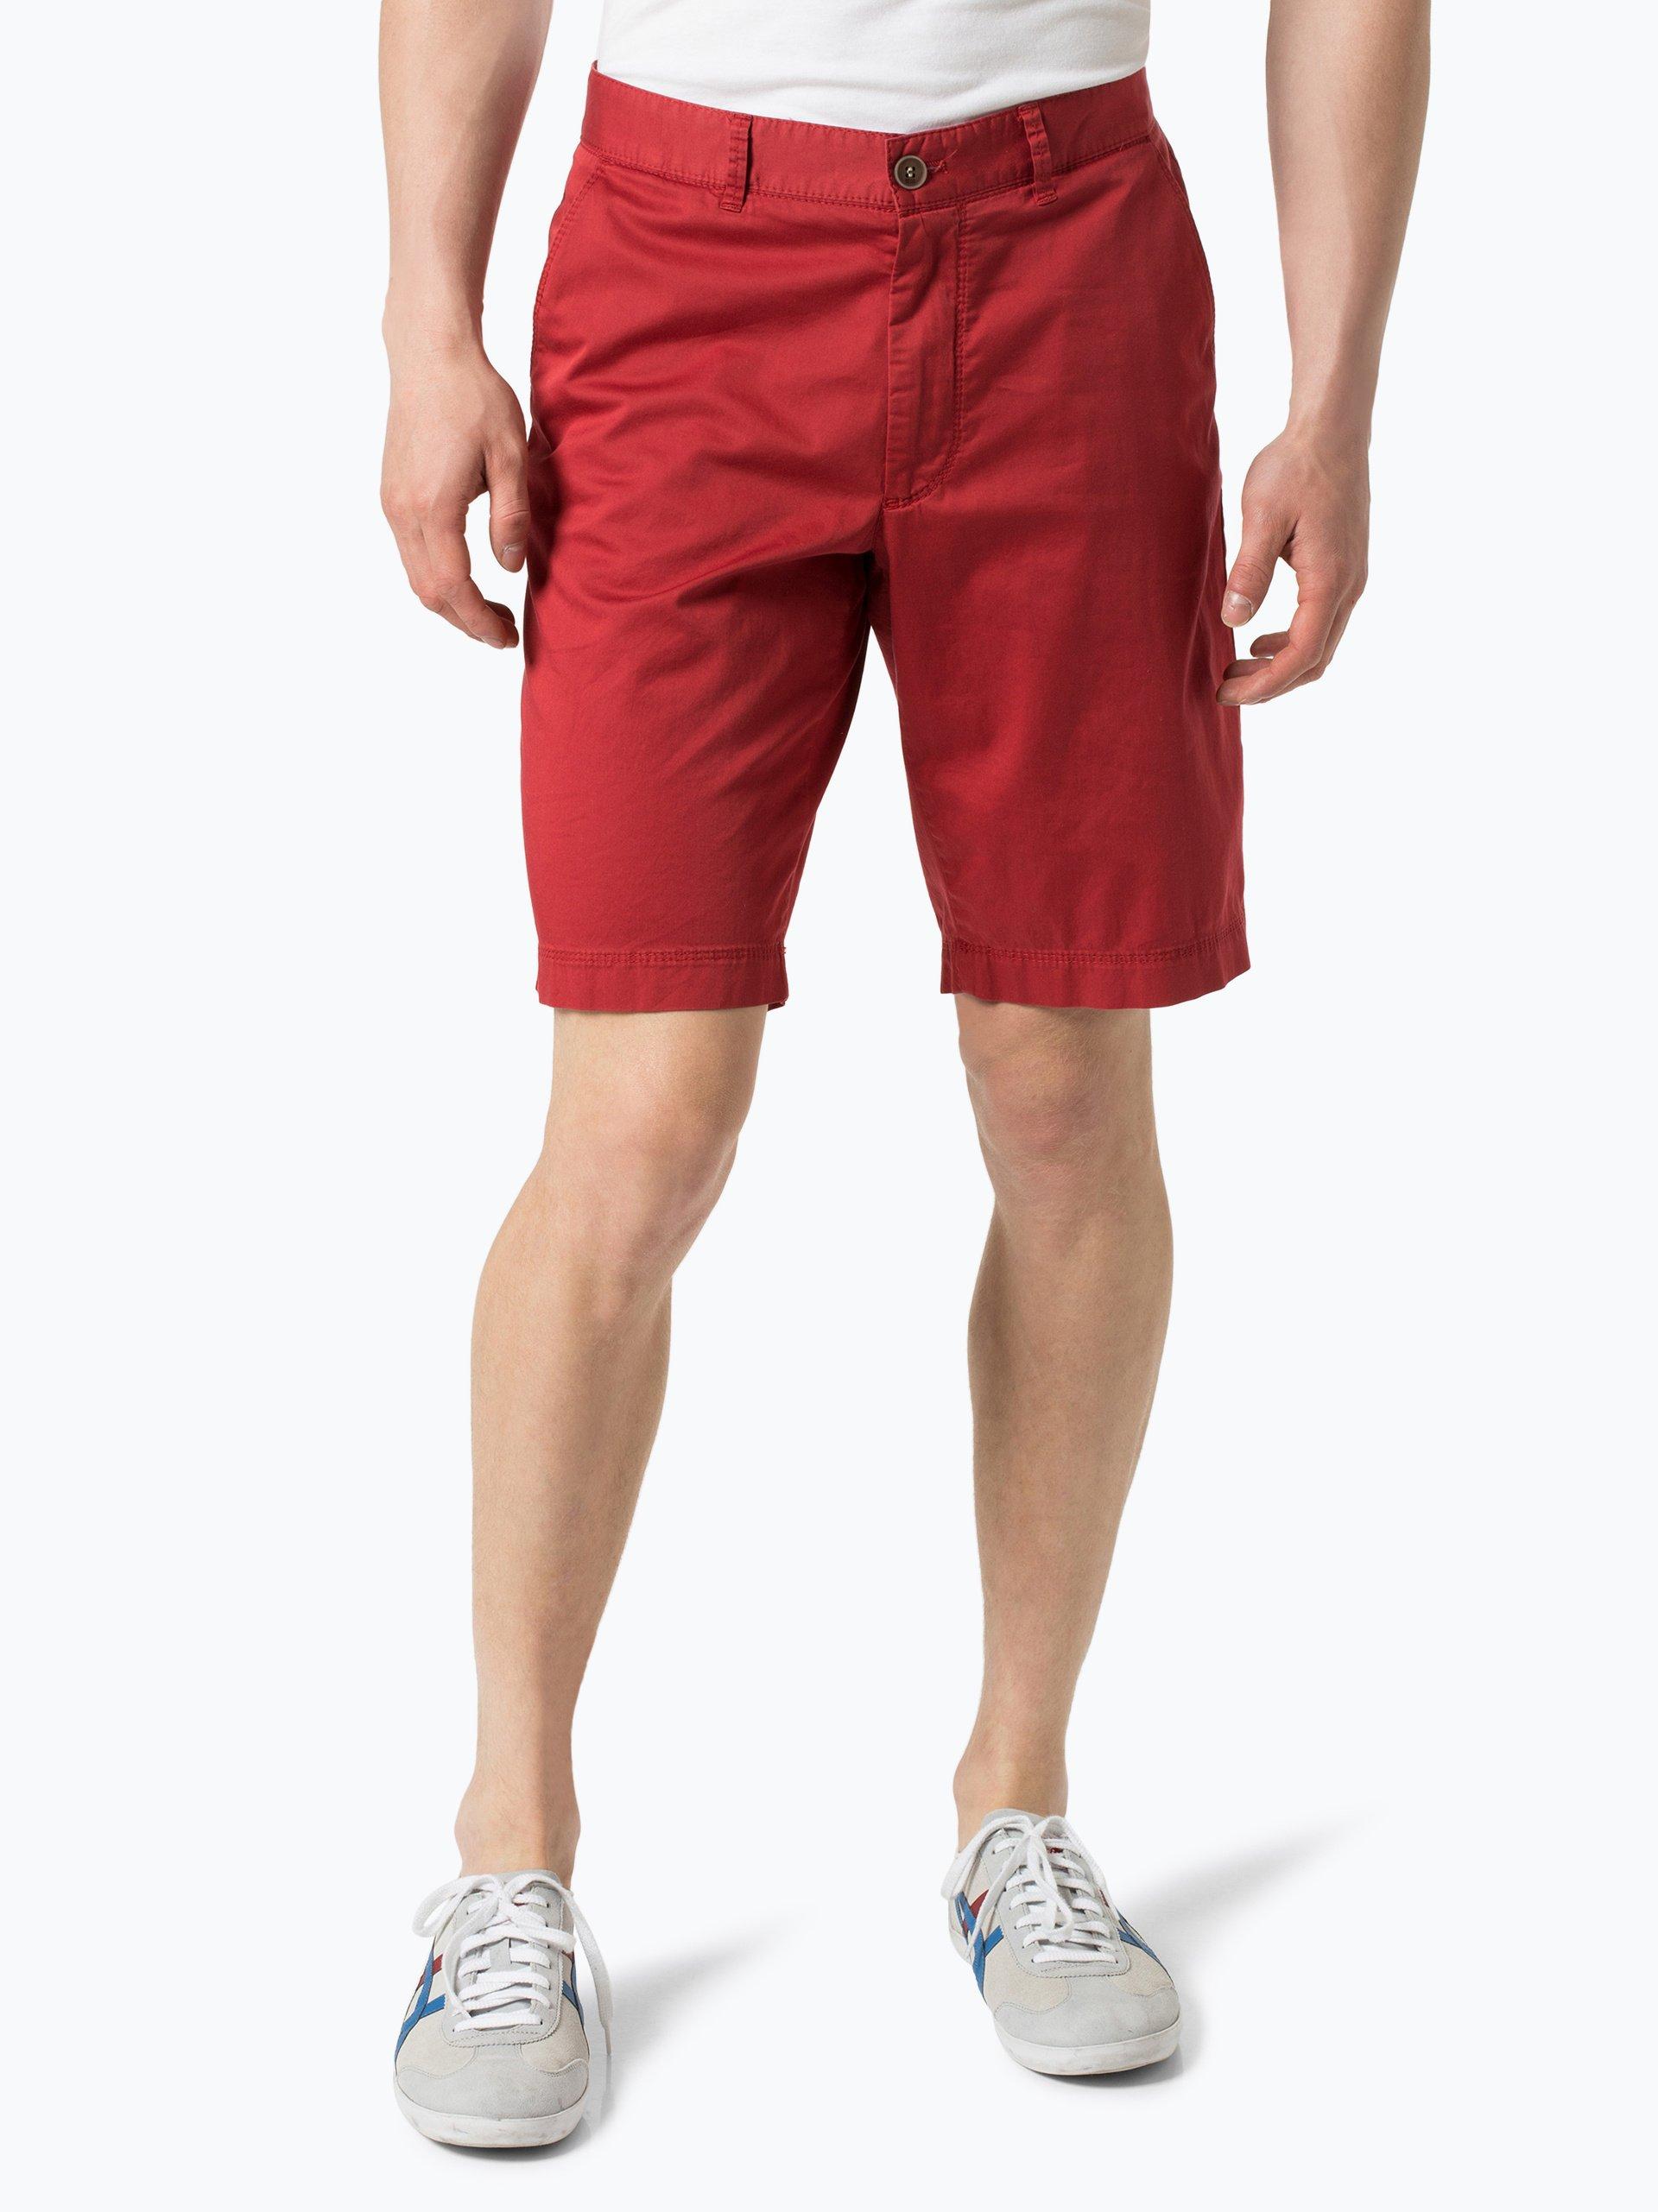 BRAX Herren Shorts - Bozen